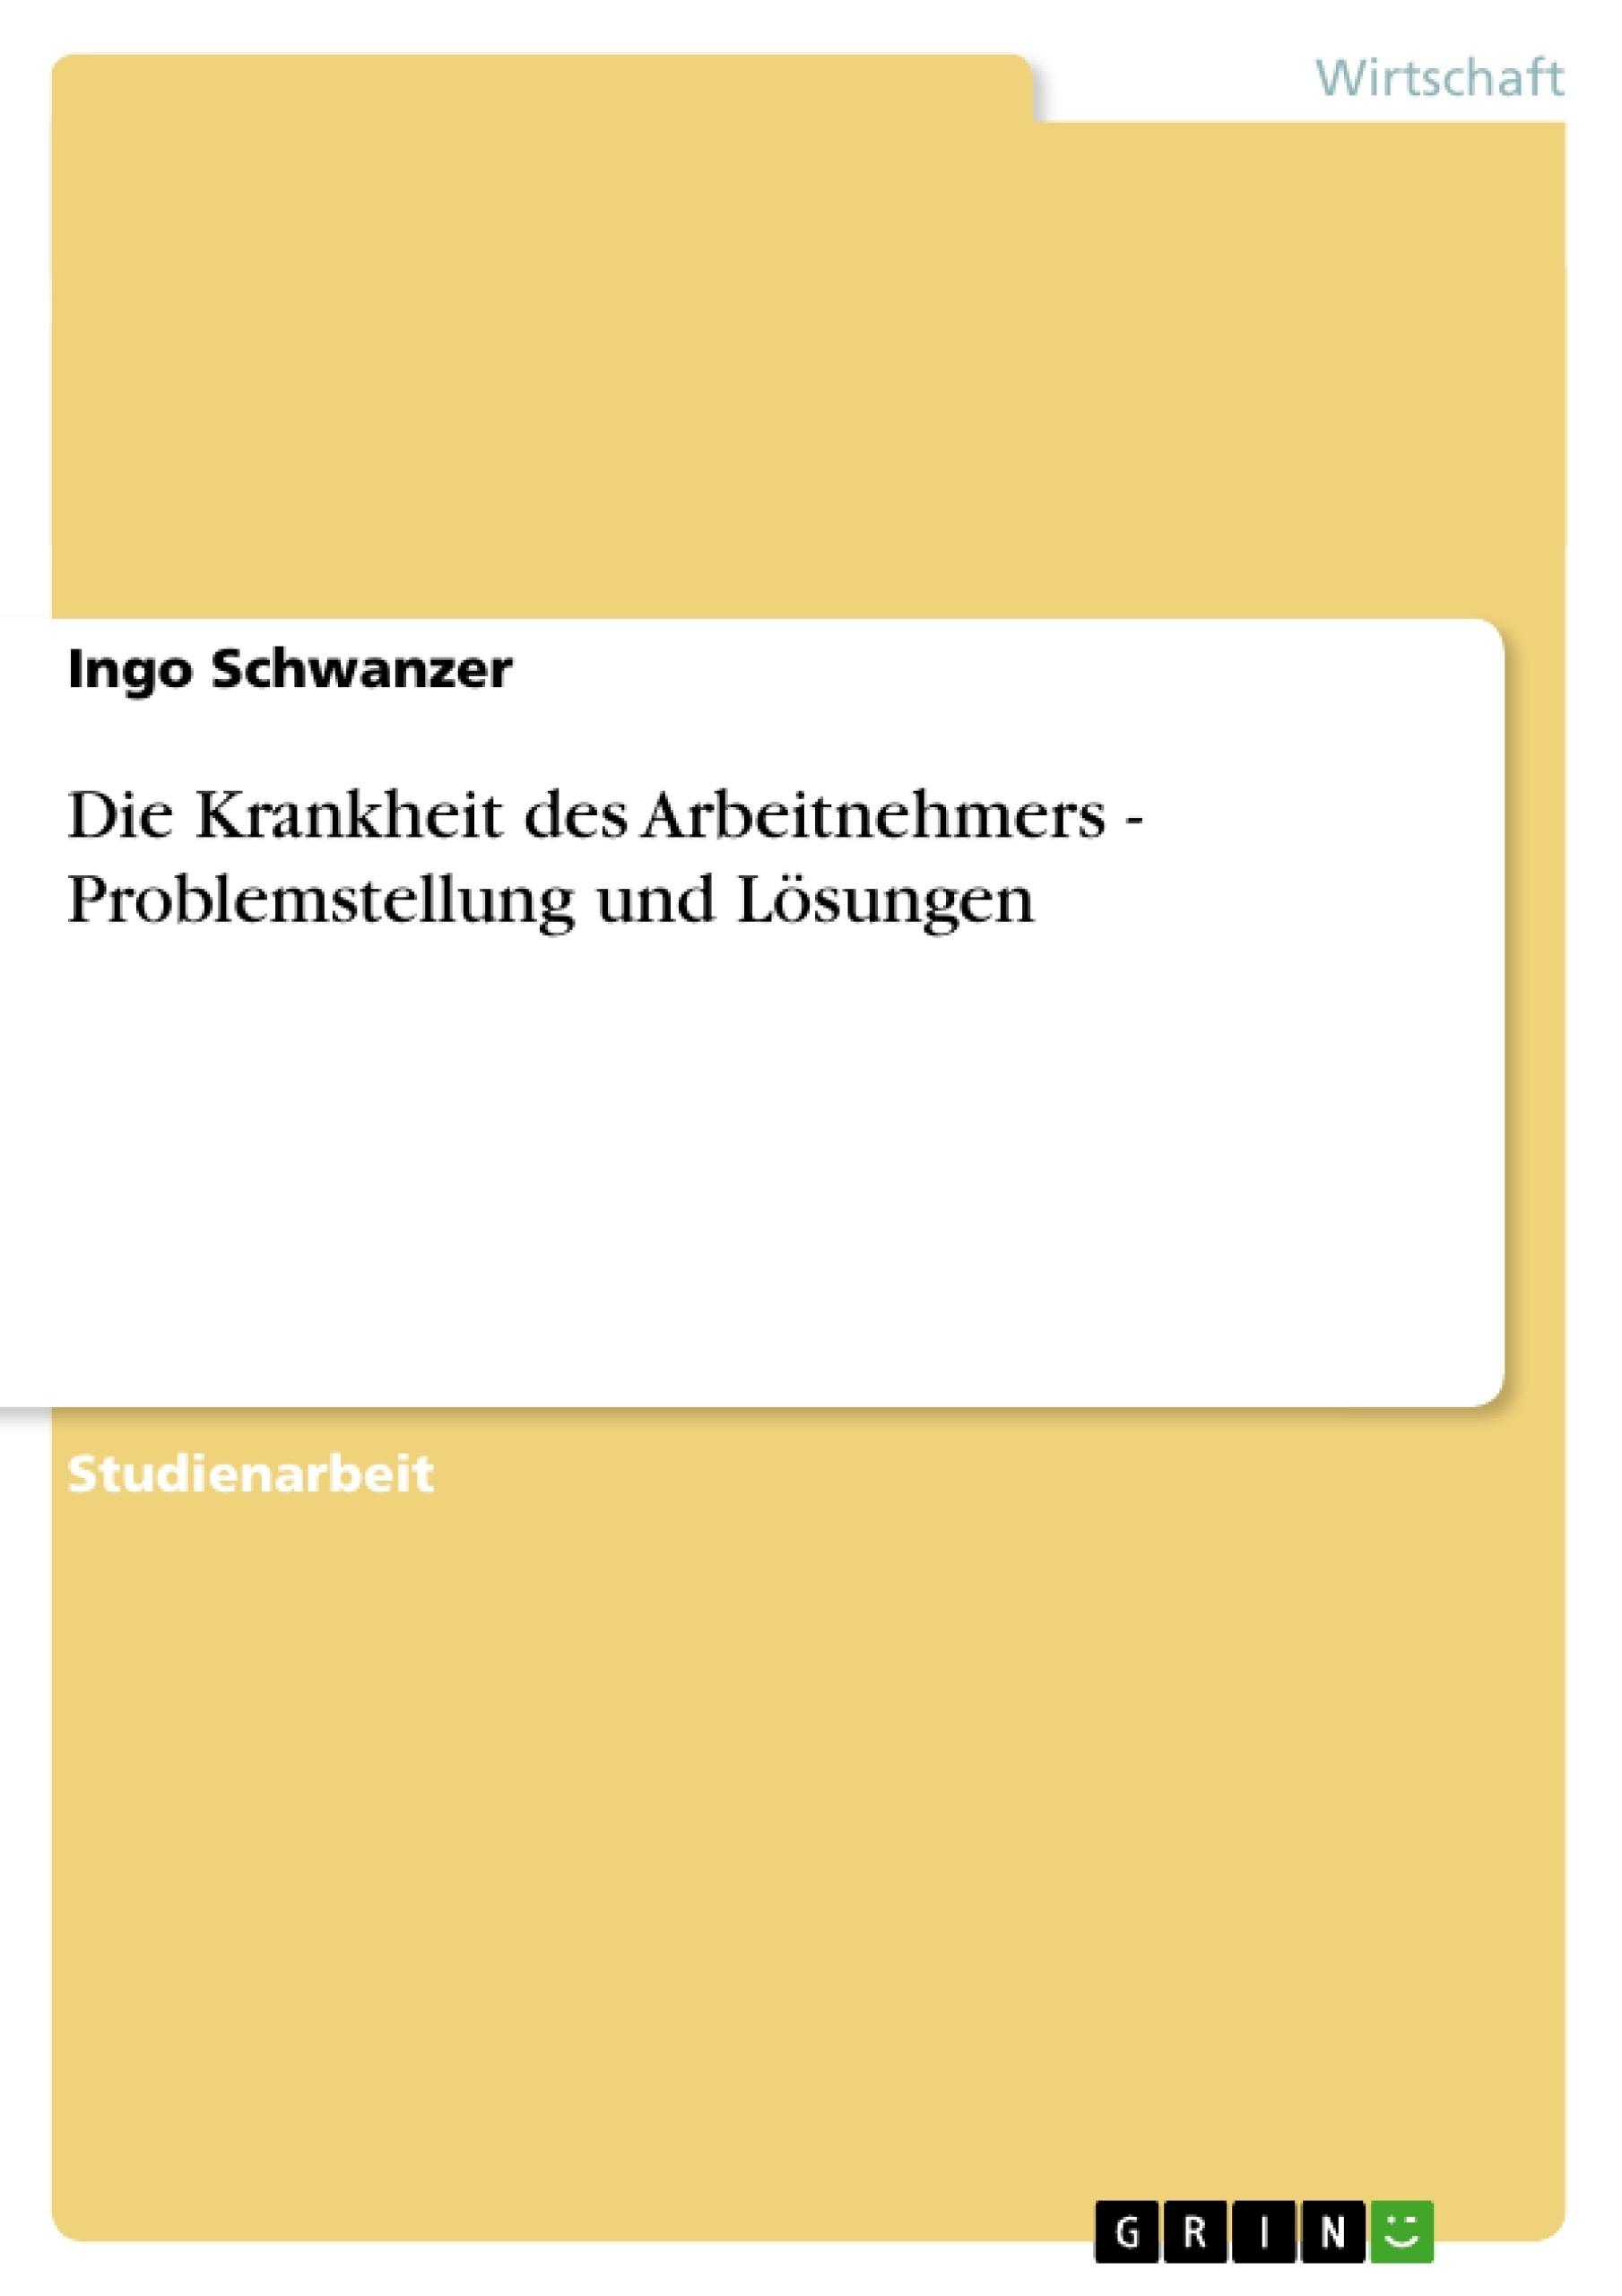 Titel: Die Krankheit des Arbeitnehmers - Problemstellung und Lösungen